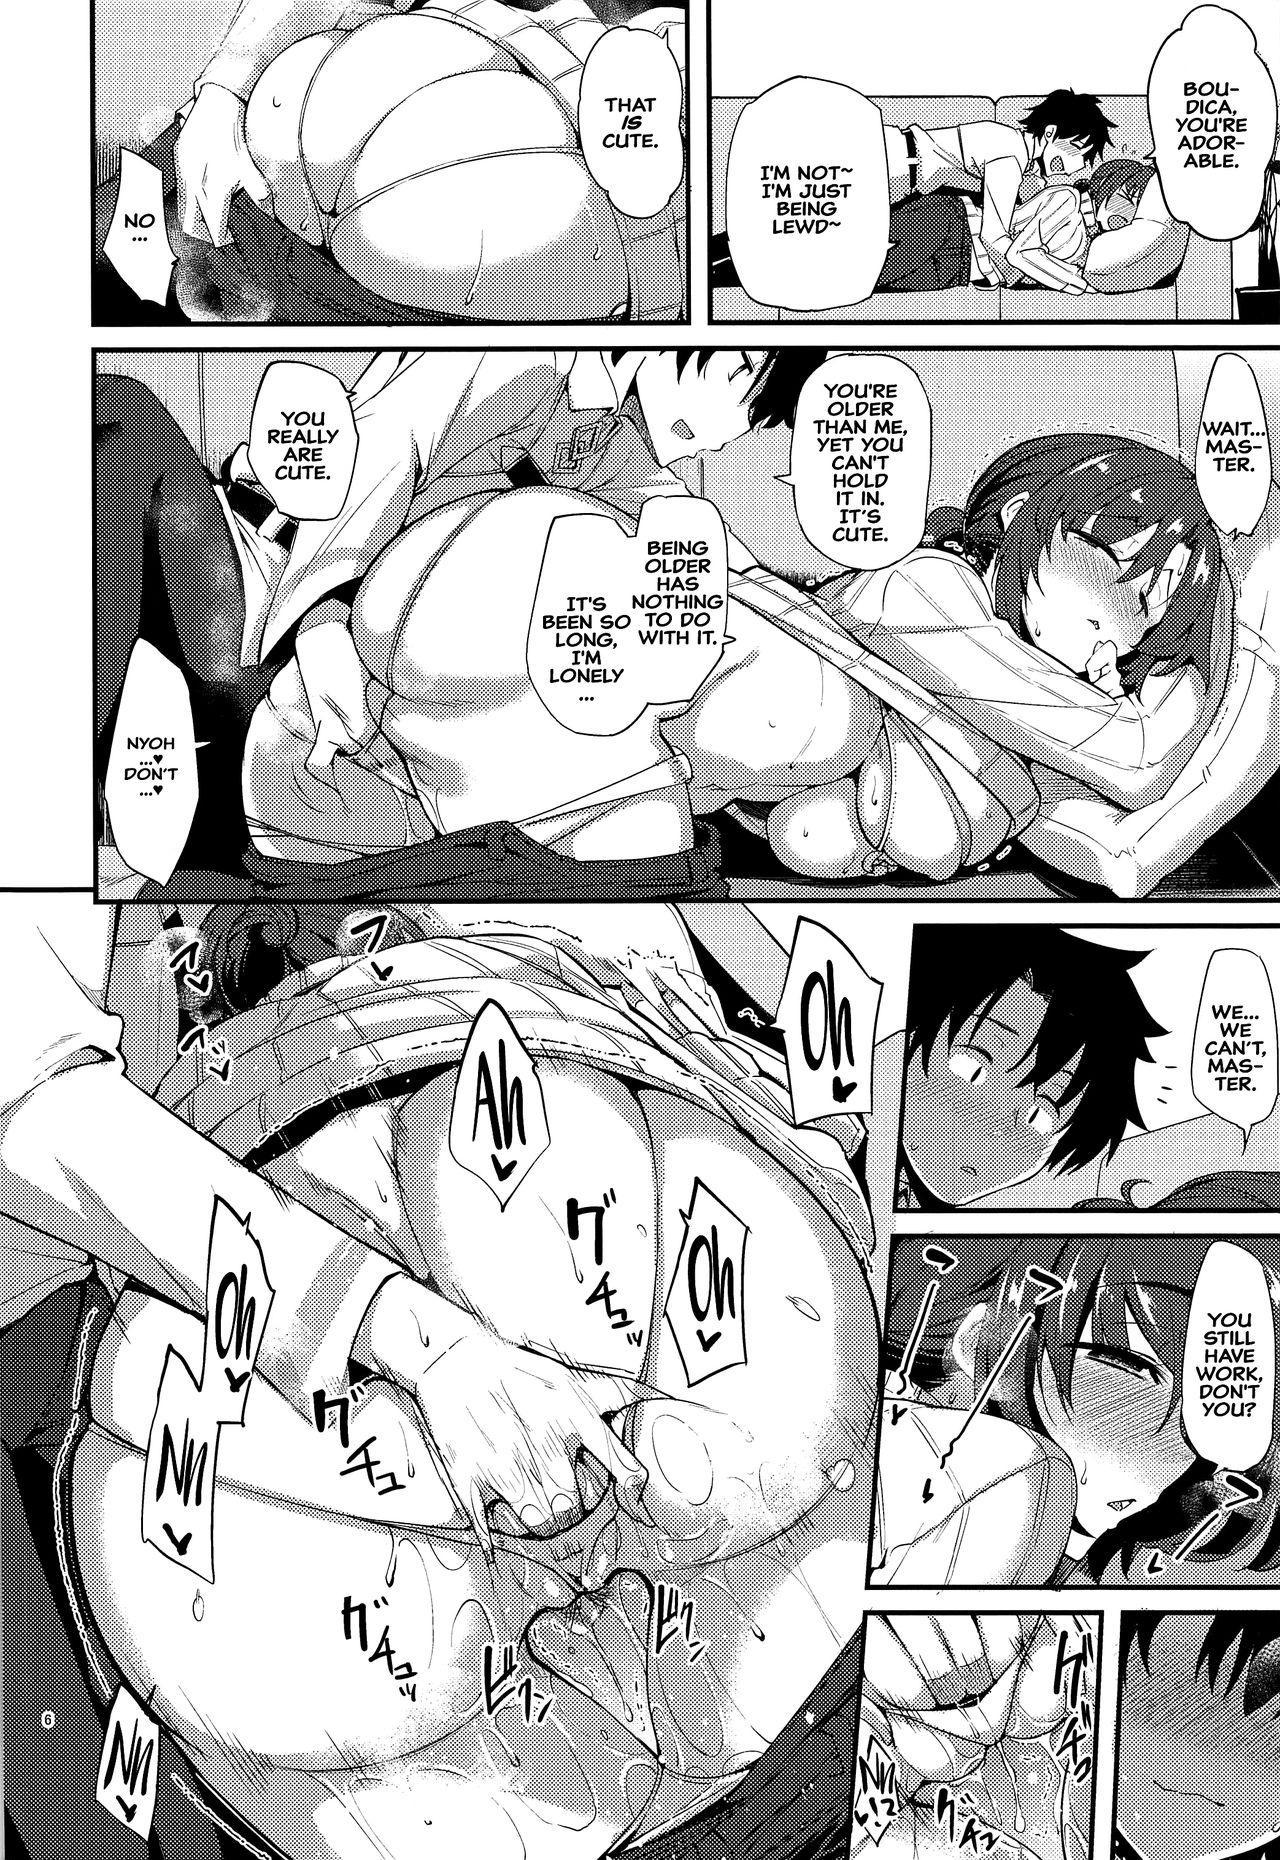 Boudica to Tsukiaidashite Kekkou Tachimashita.   It's Been A While Since I Started Dating Boudica. 4